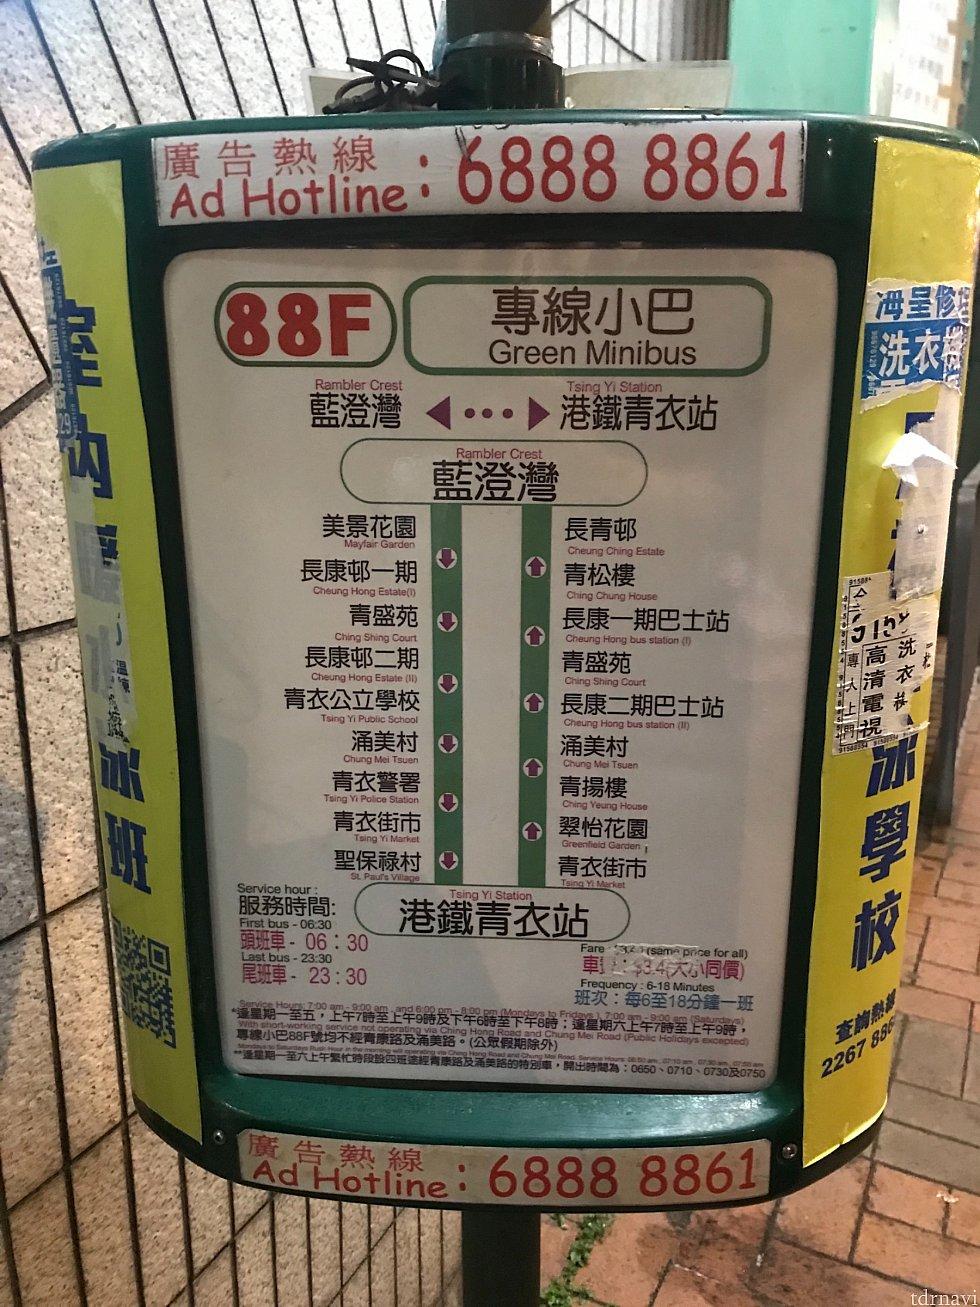 停留所の掲示です。 すぐそばにバスが停まっていない事もあるので、よくバスを見て確認してください!